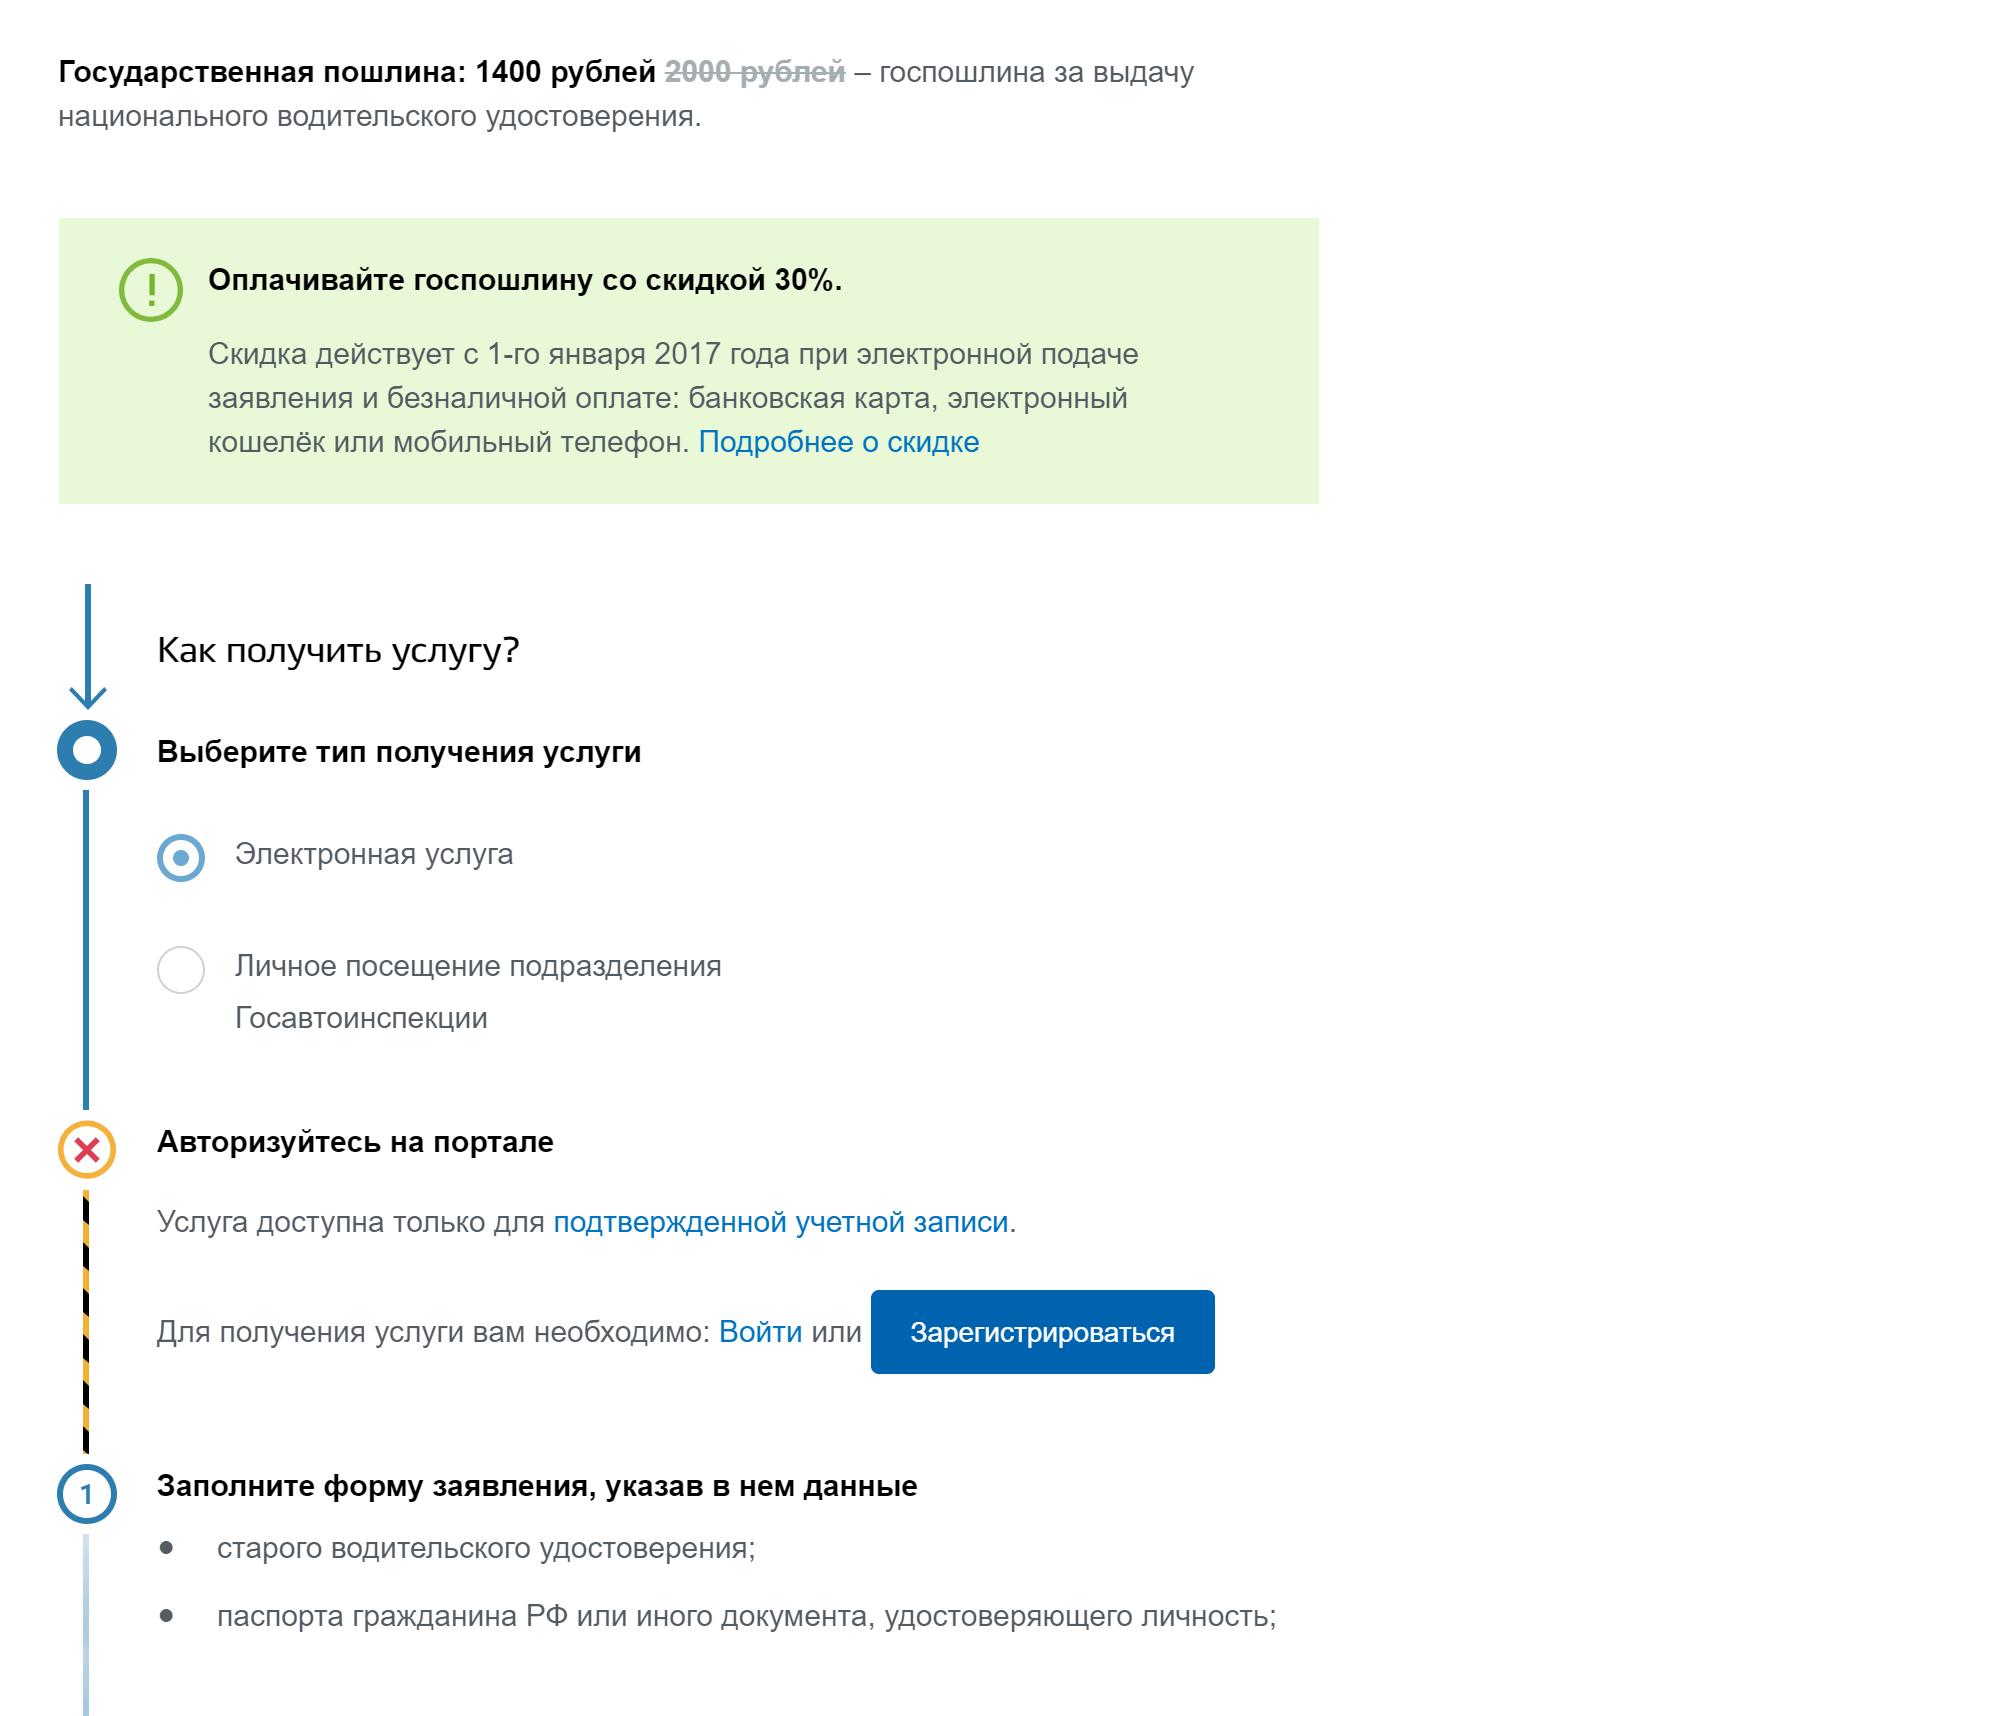 Выберите, как хотите получить услугу. Следует выбрать «Электронная услуга»: если выбрать «Личное посещение ГИБДД», скидки на оплату не будет